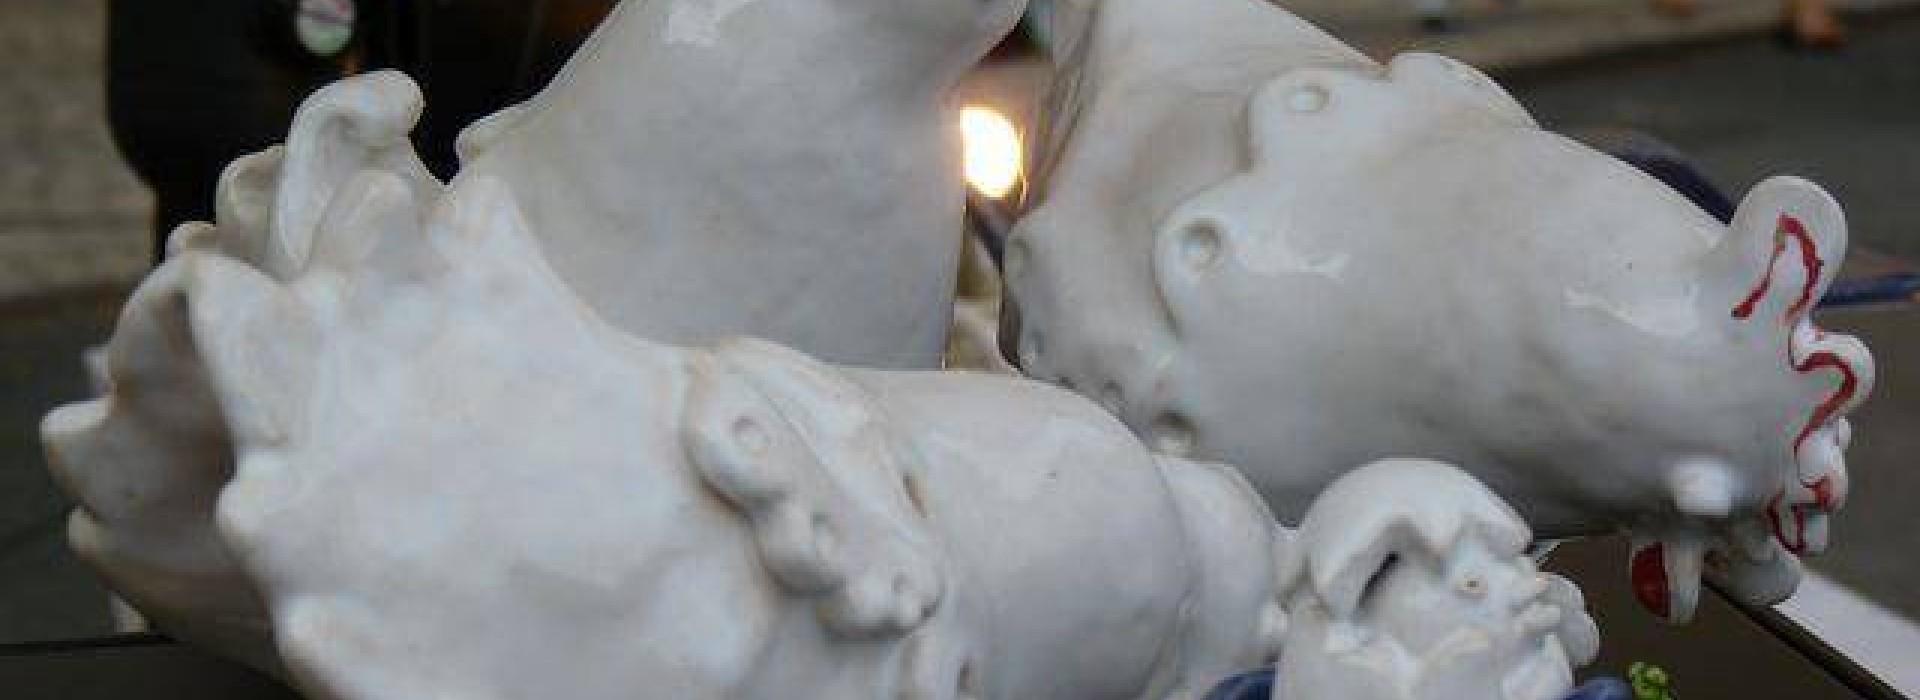 Poncé Sur Loir Poterie ateliers de poterie enfant et ado a boce: fêtes et